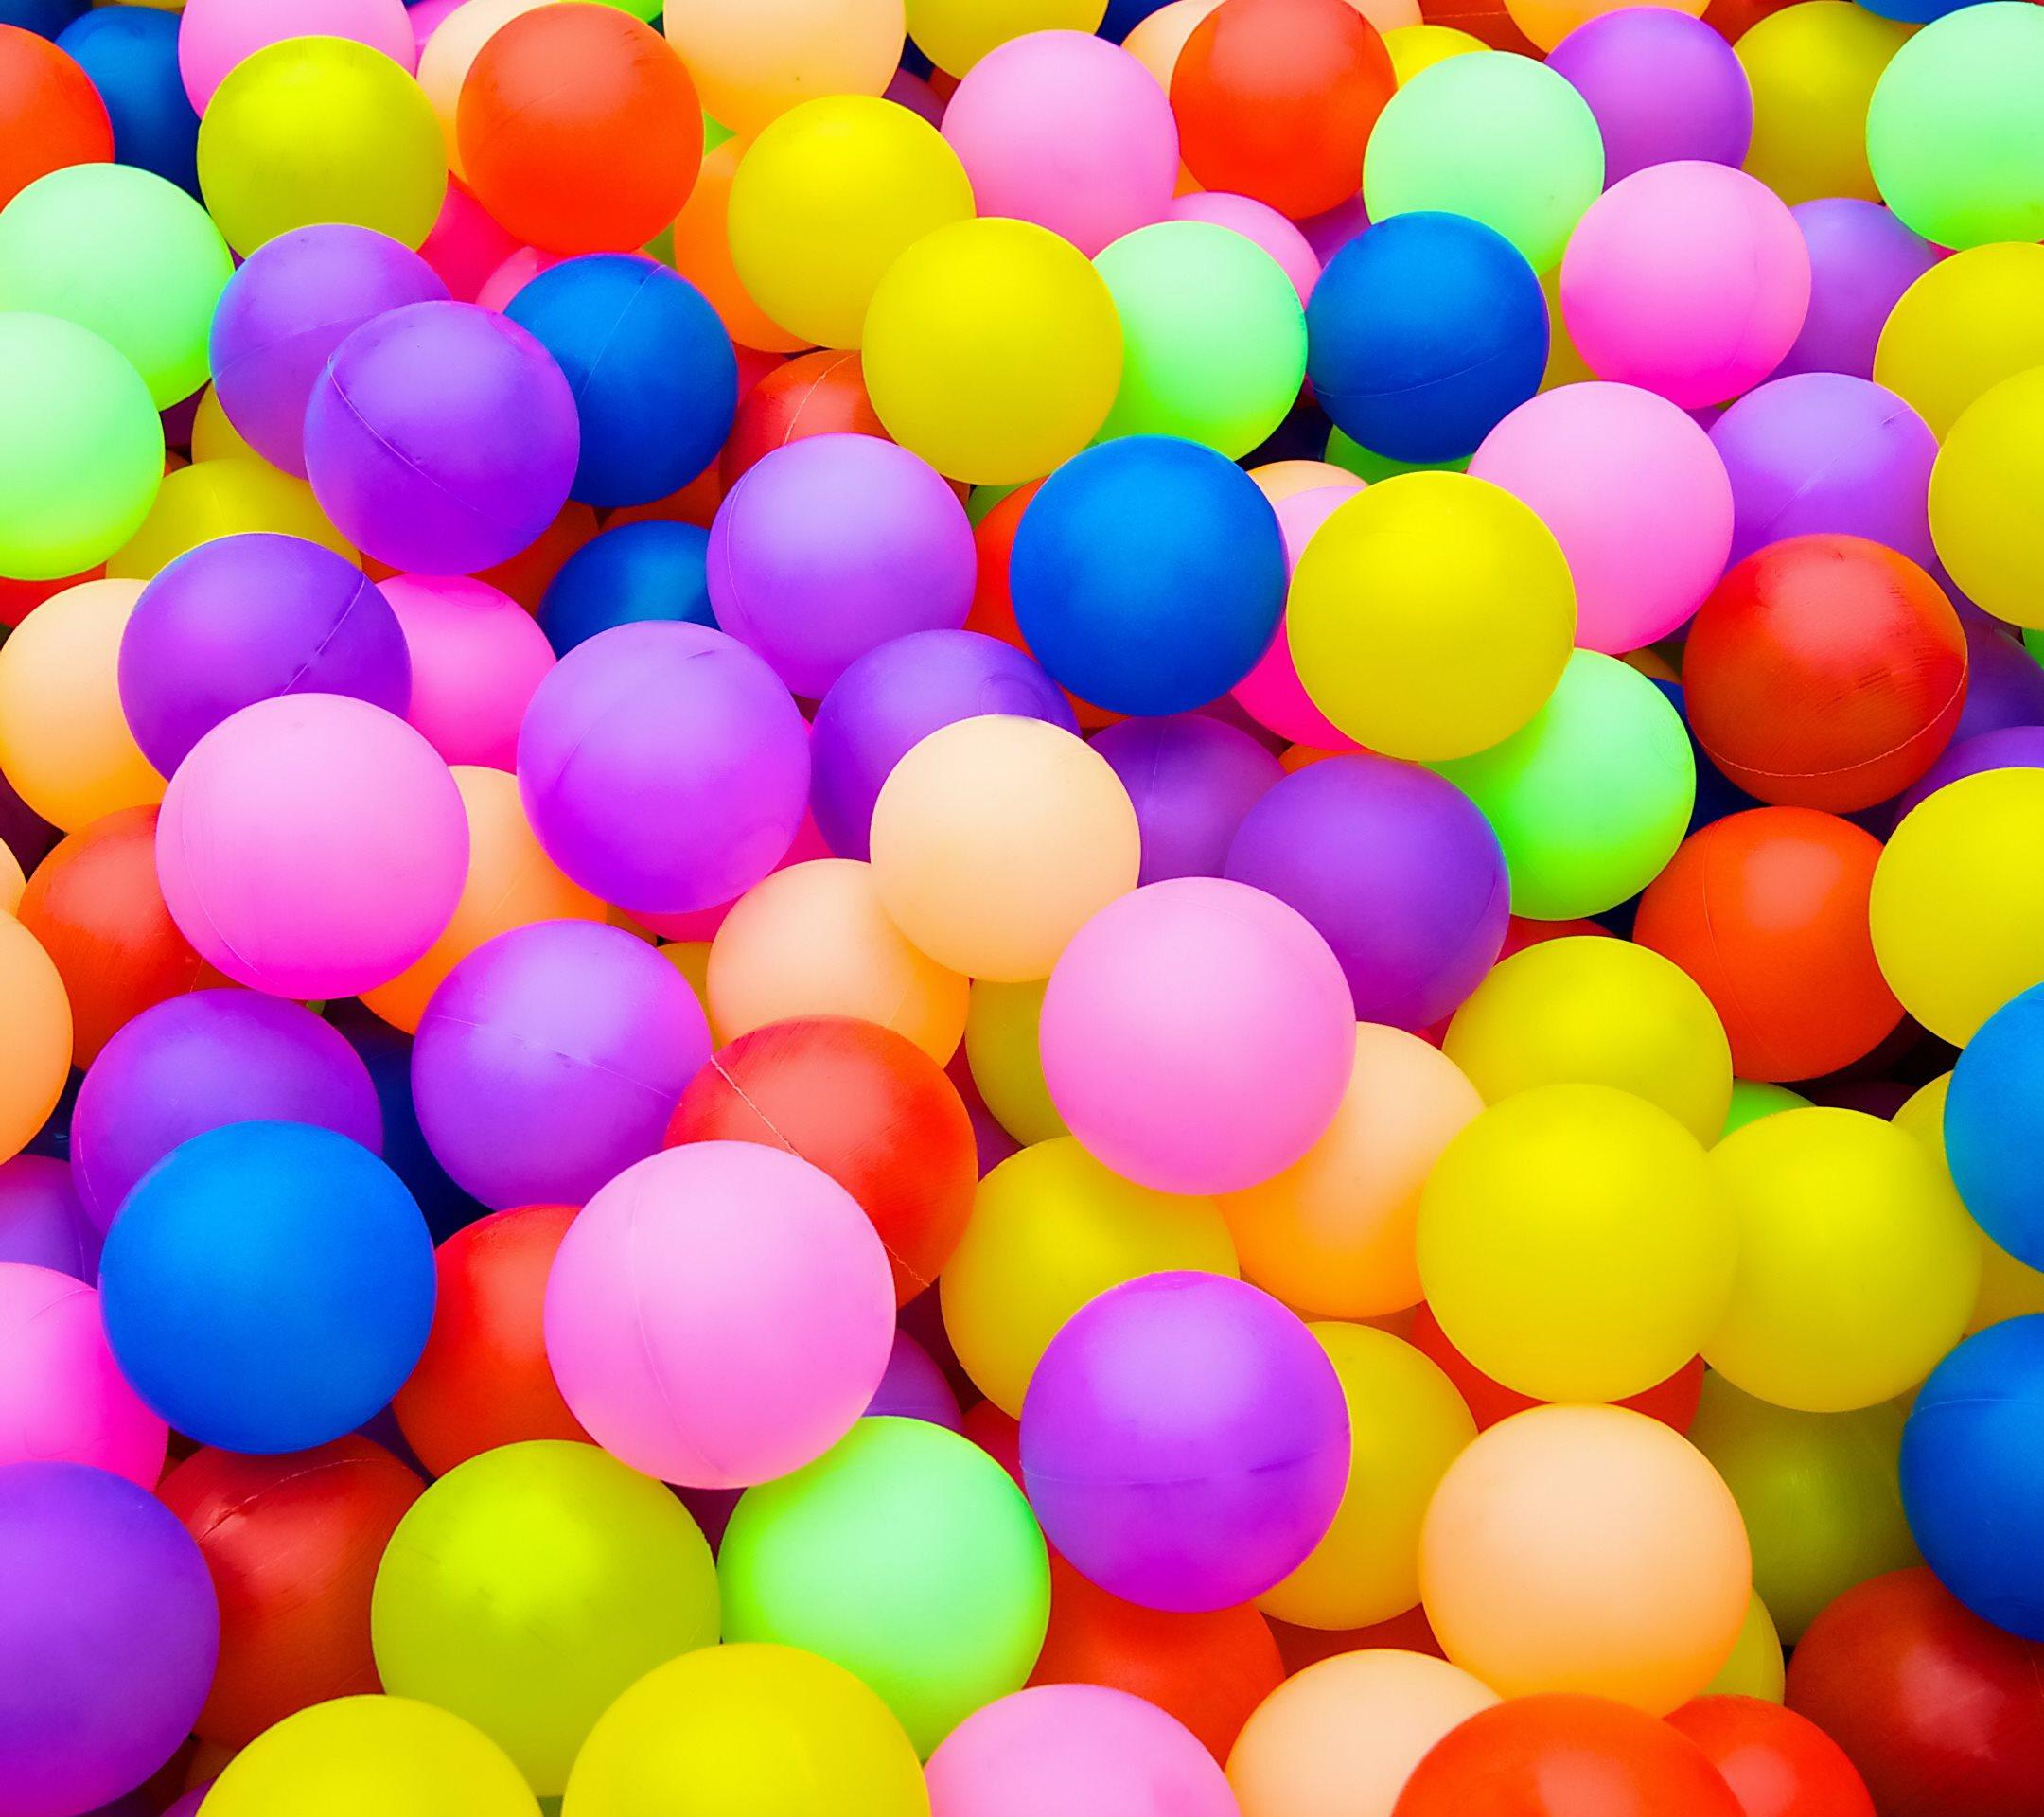 красочные сладкие шарики  № 972925 загрузить